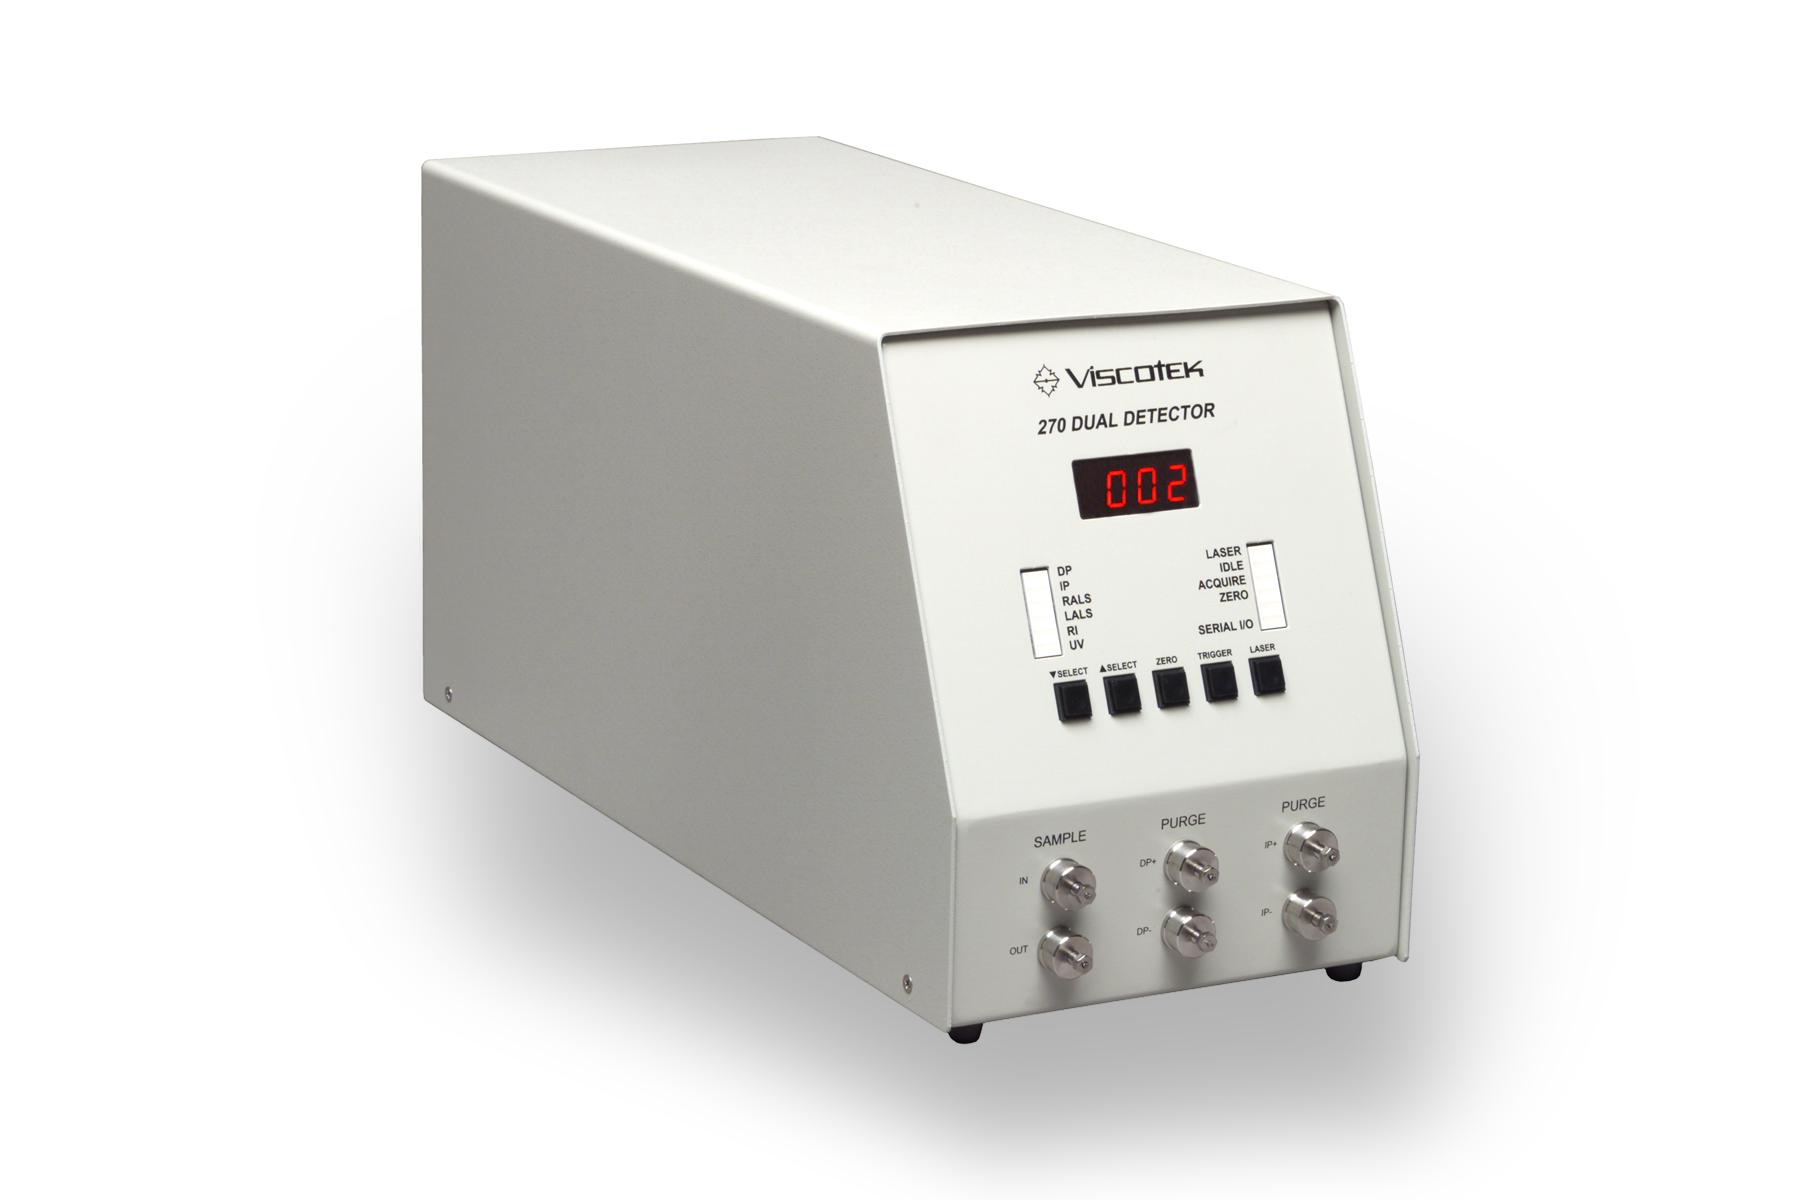 Détecteur GPC/SEC modulaire avancé pour compléter un système simple